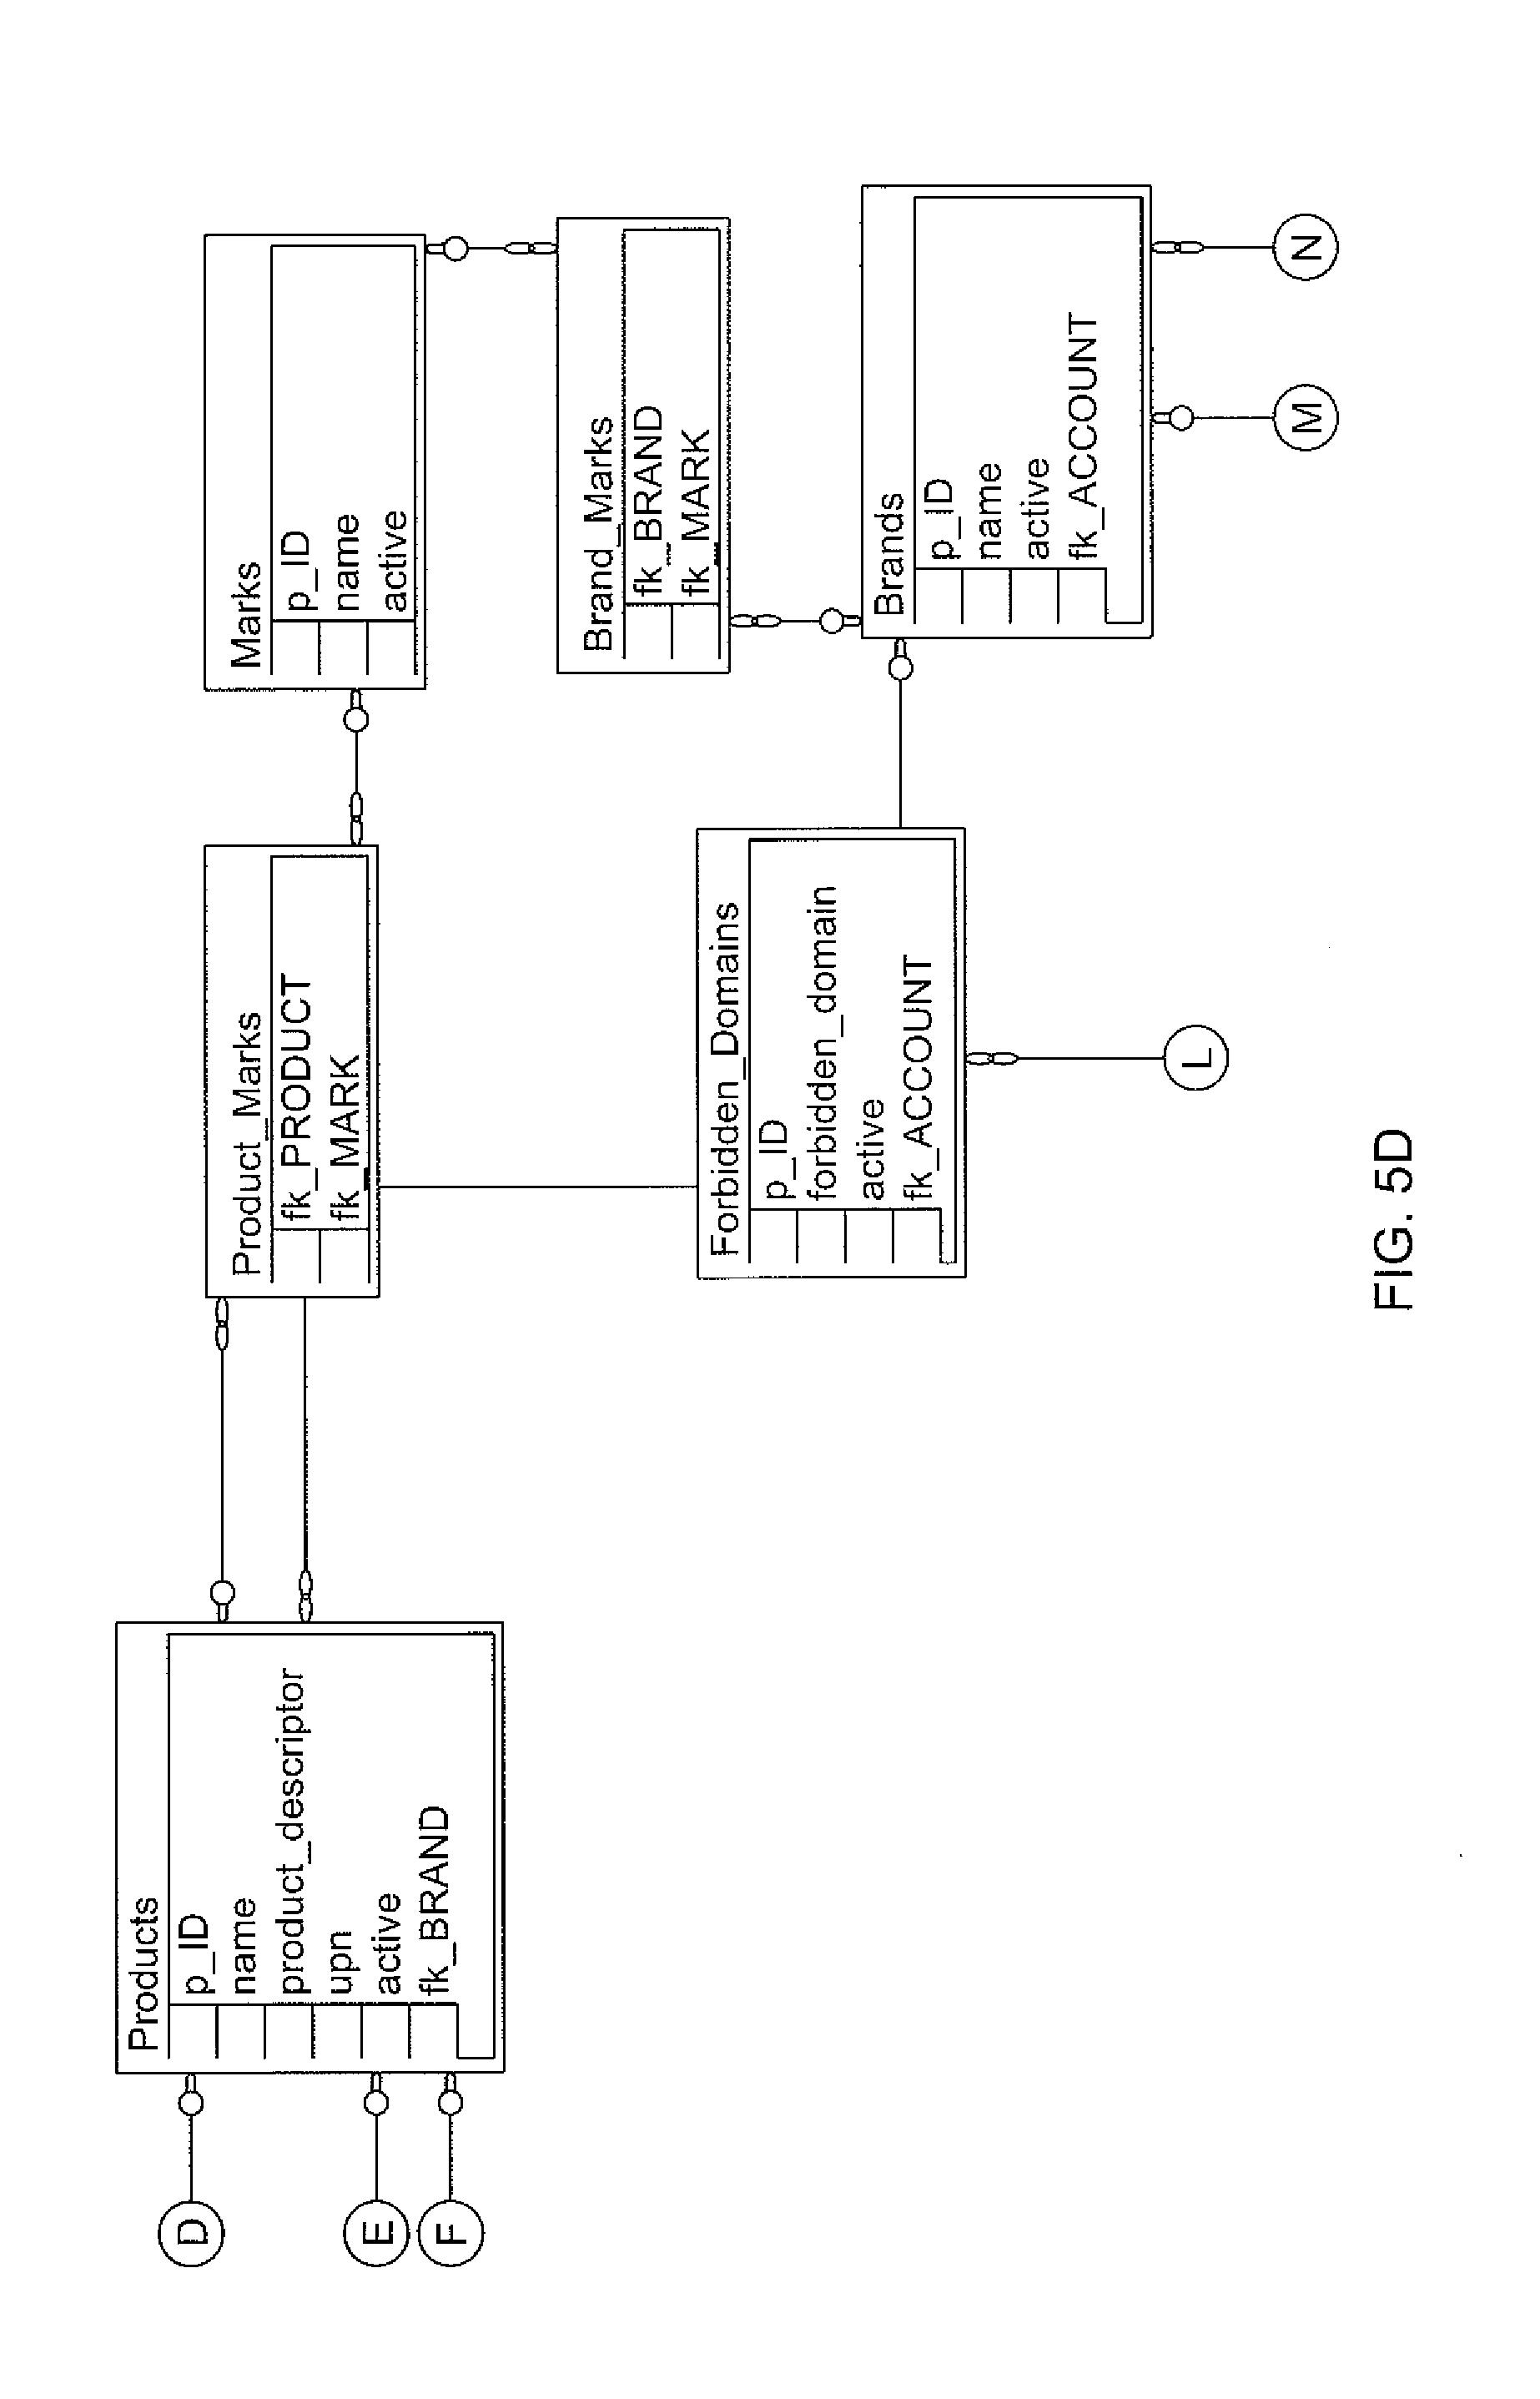 Patent Us 7844492 B2 Circuit Diagram Of Numeric Ups